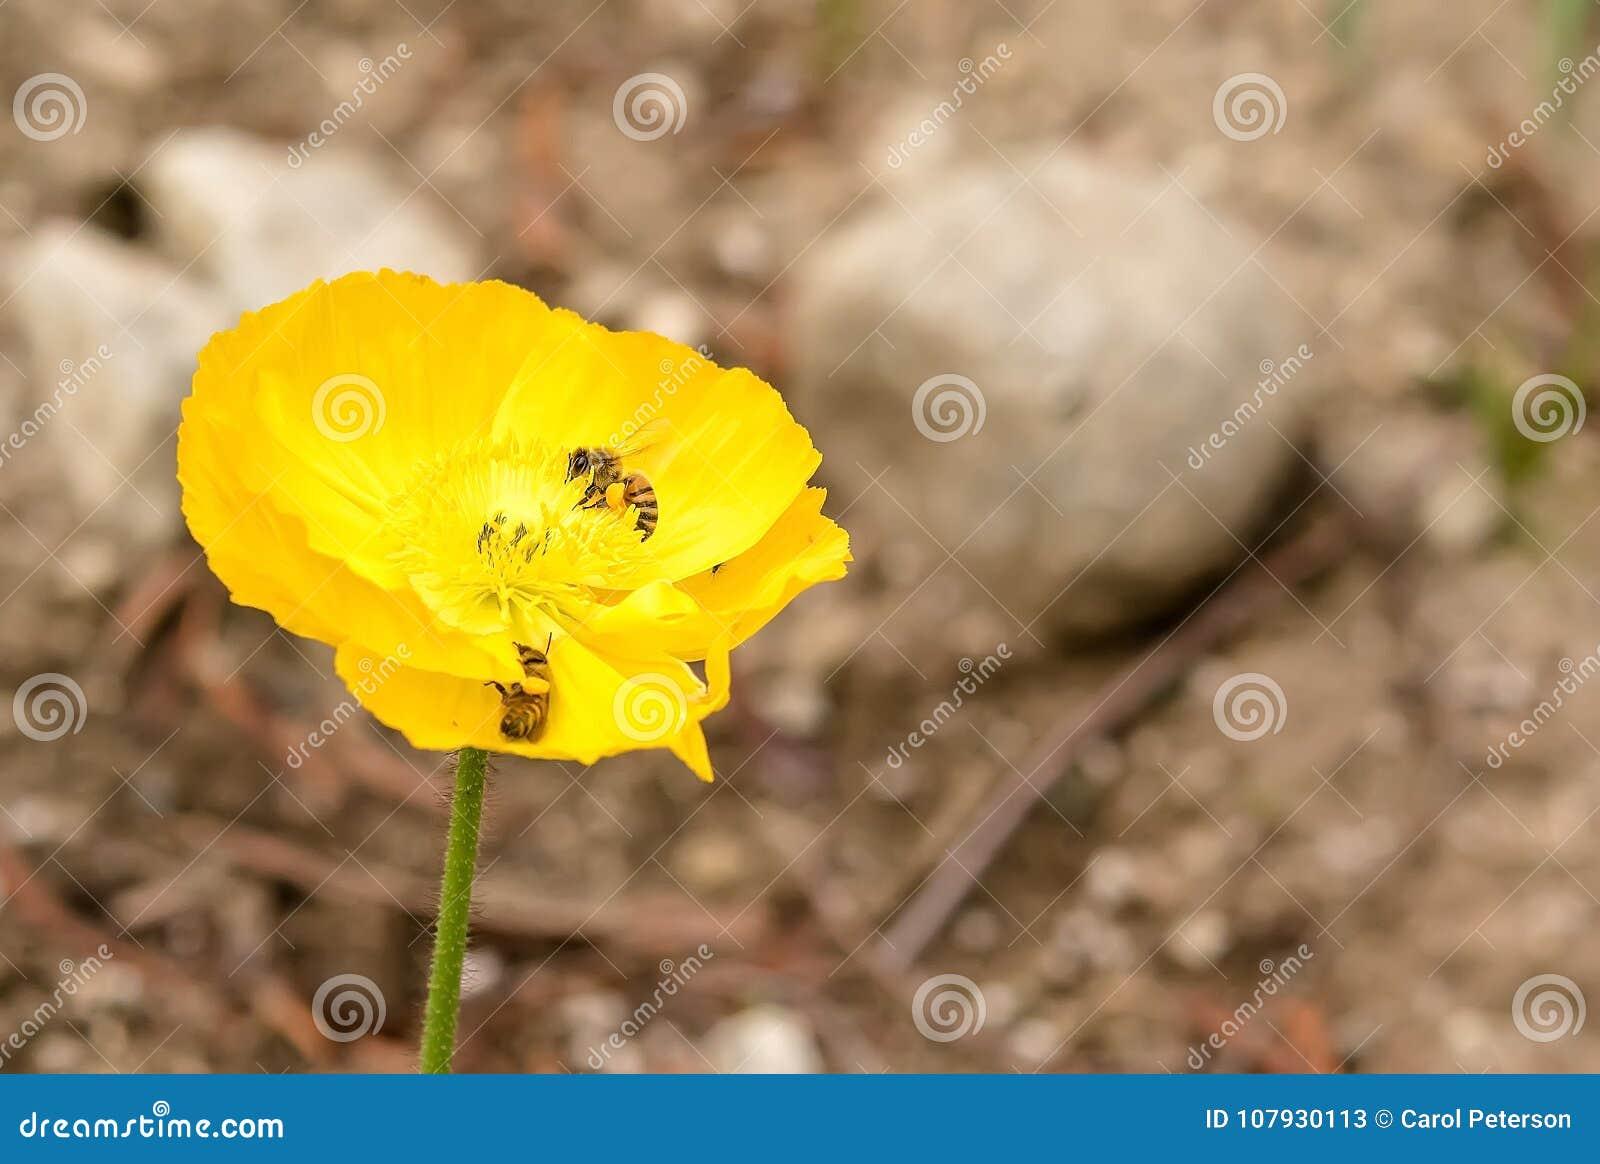 与收集花粉的蜂的黄色鸦片